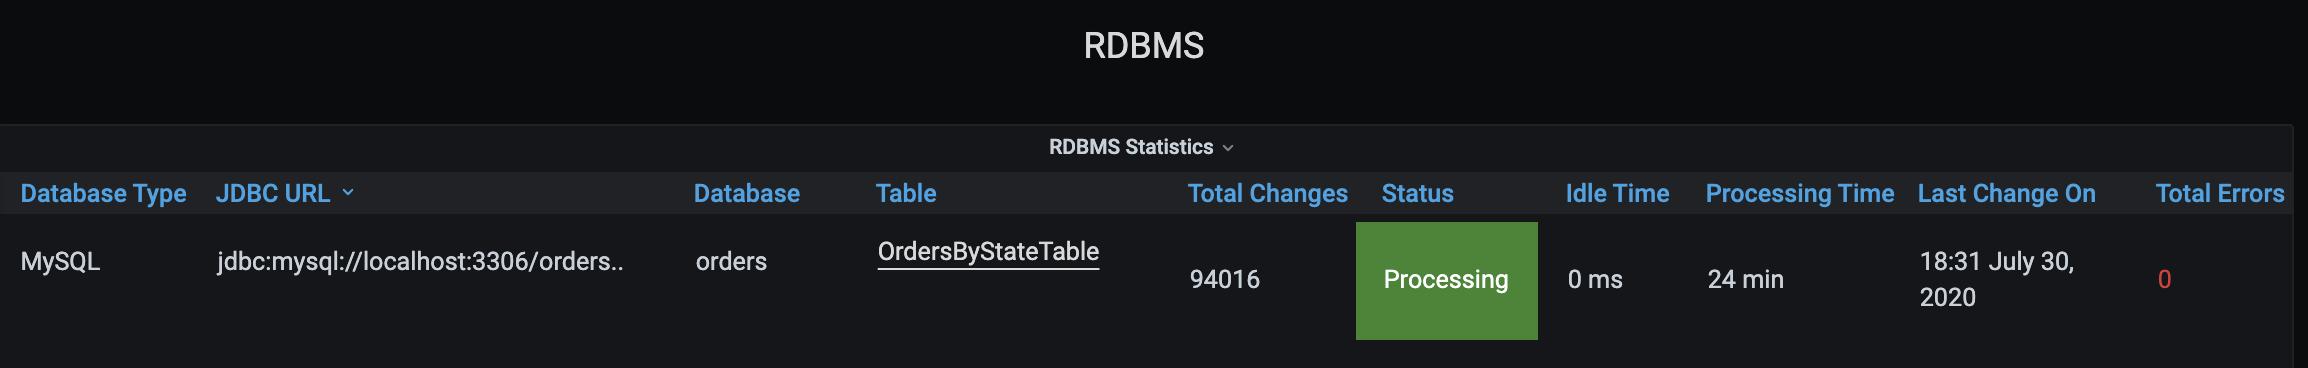 RDBMS Statistics